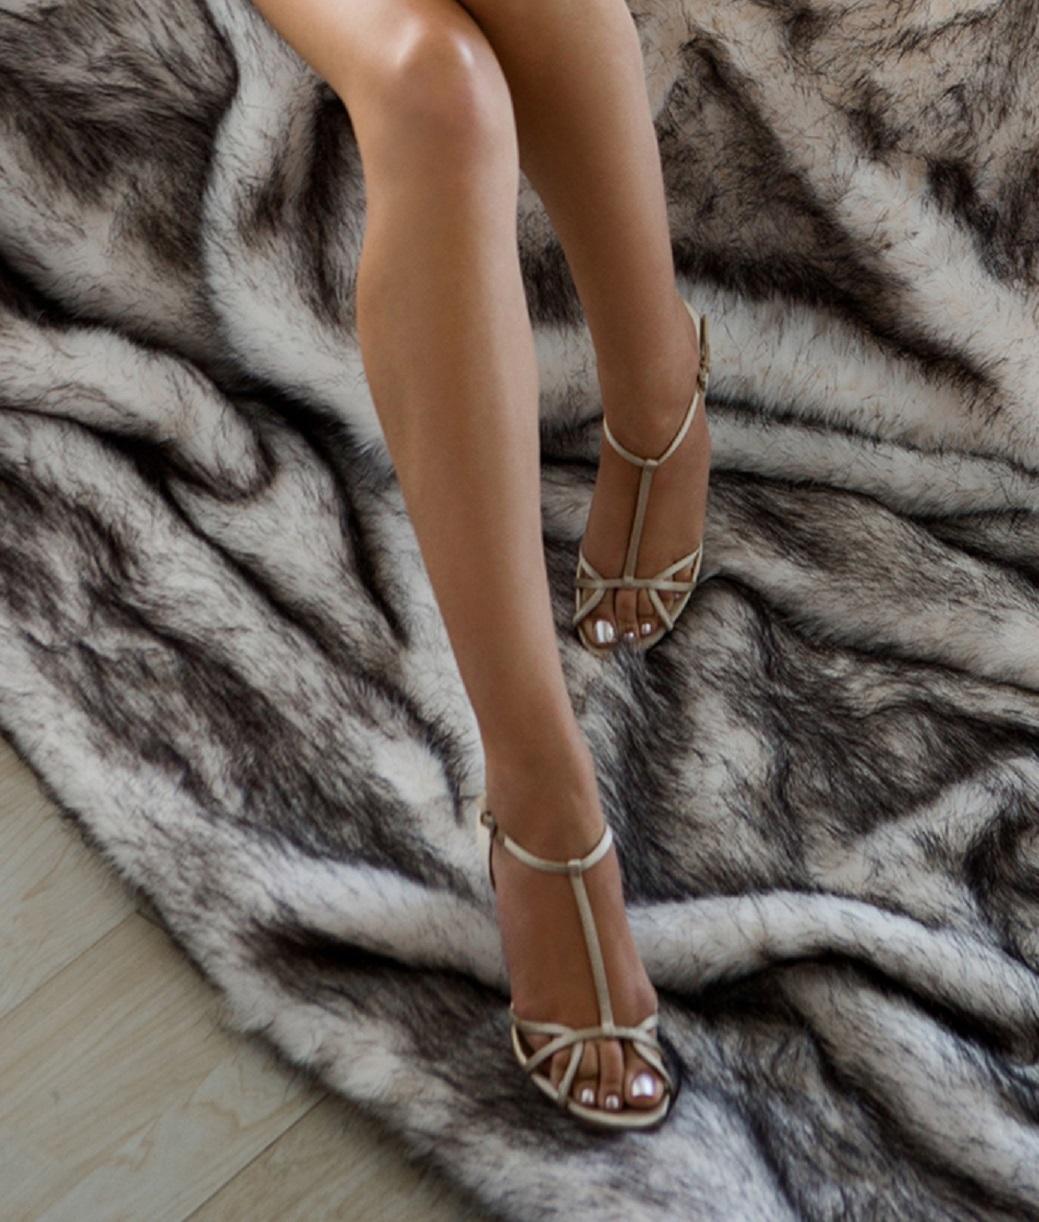 Feet Kennedy Summers